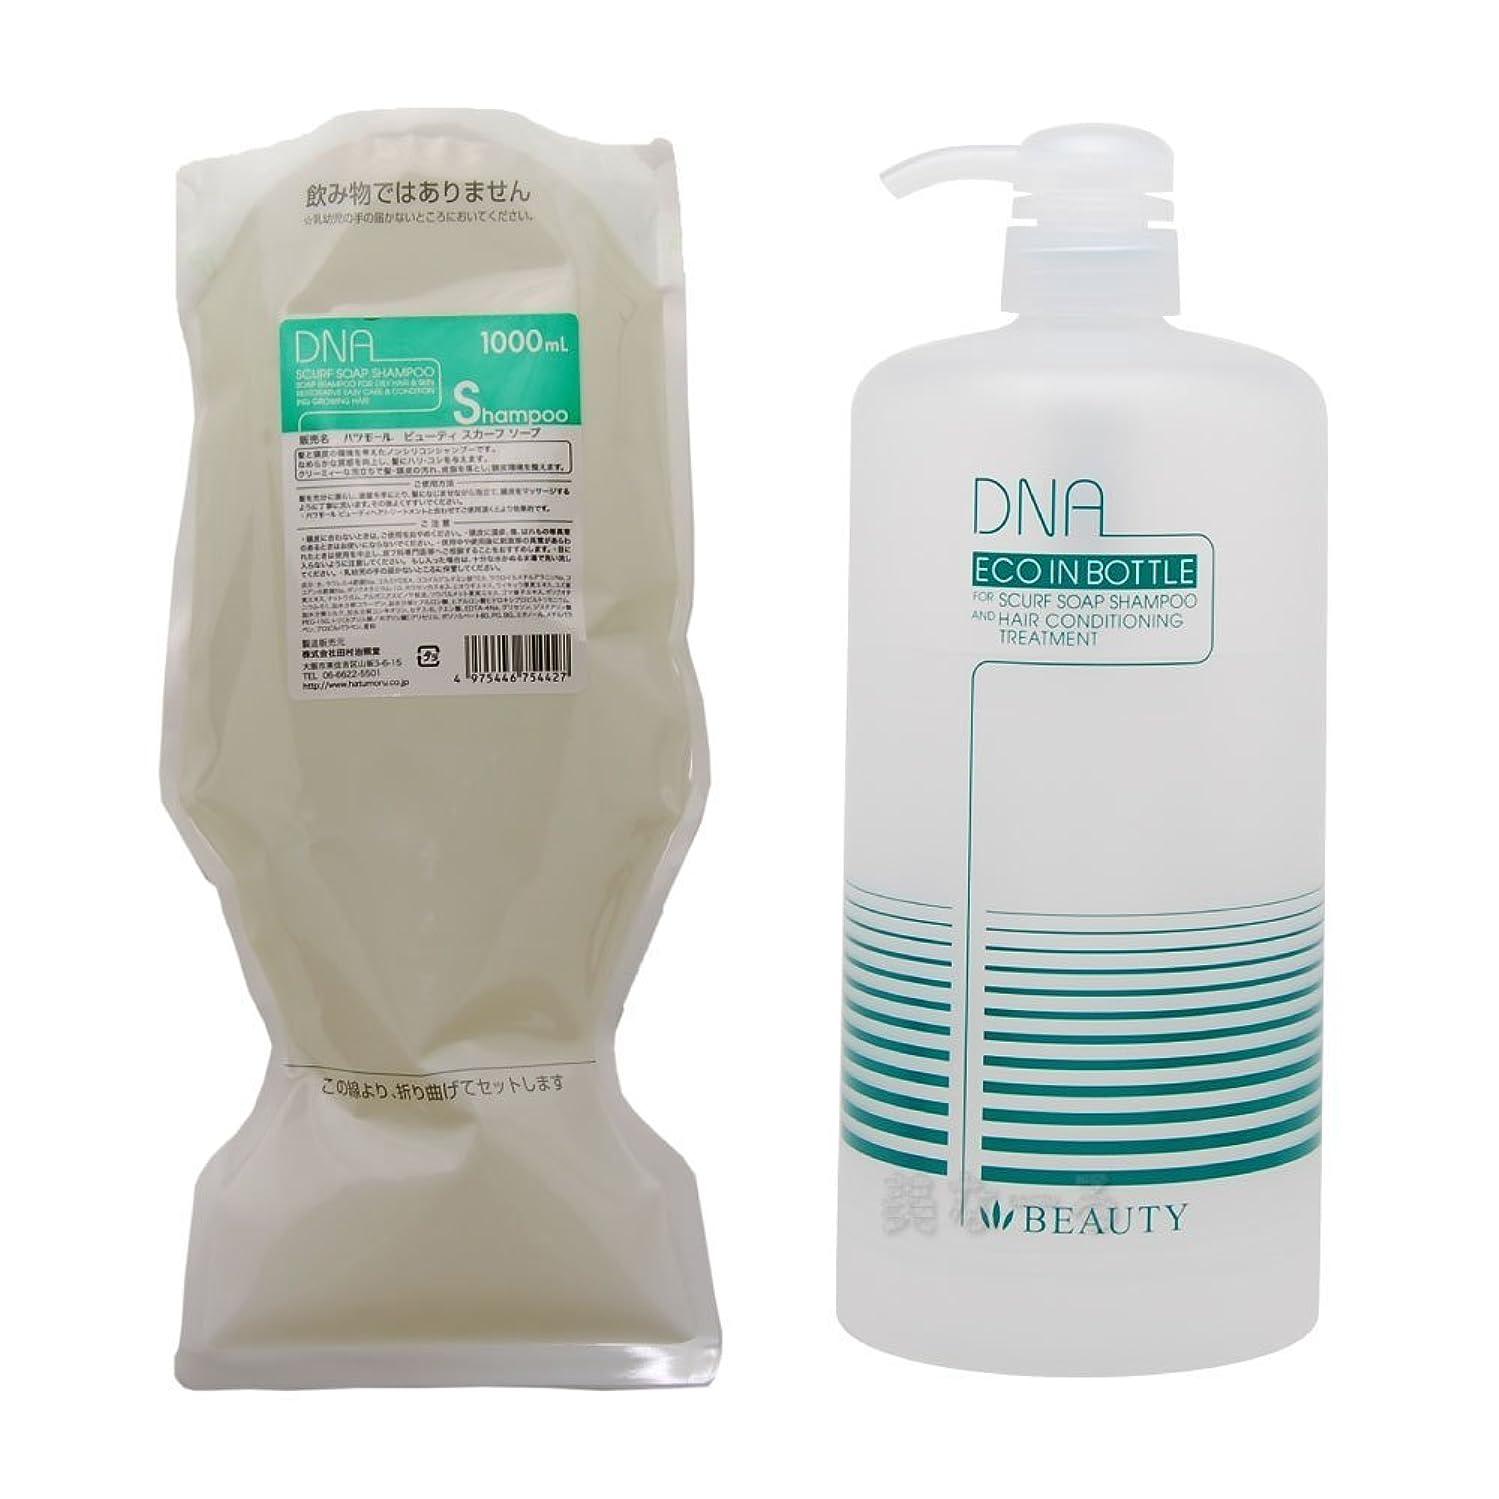 警告測る葉っぱハツモール ビューティースカーフソープ DNA シャンプー 1000ml &専用空ボトル